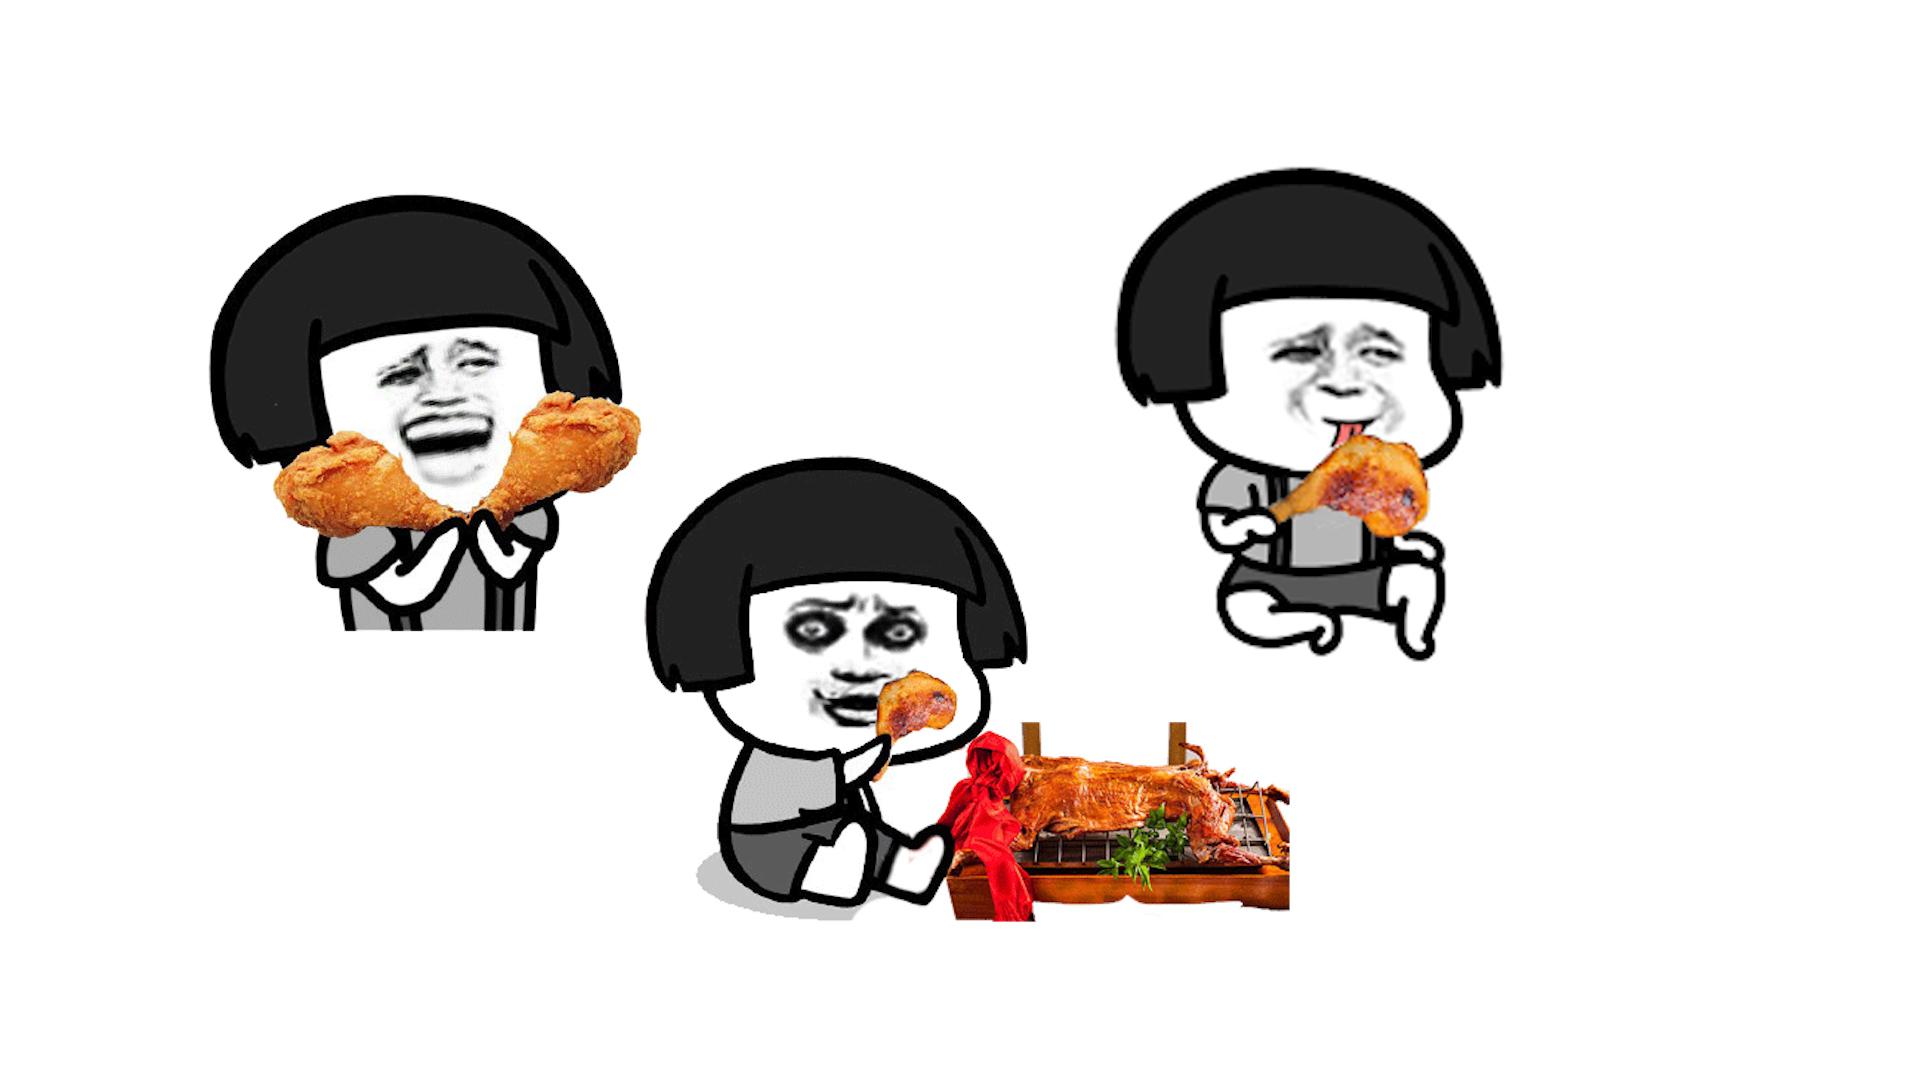 最近很火的《that girl》终于出中文版了,蘑菇头超魔性